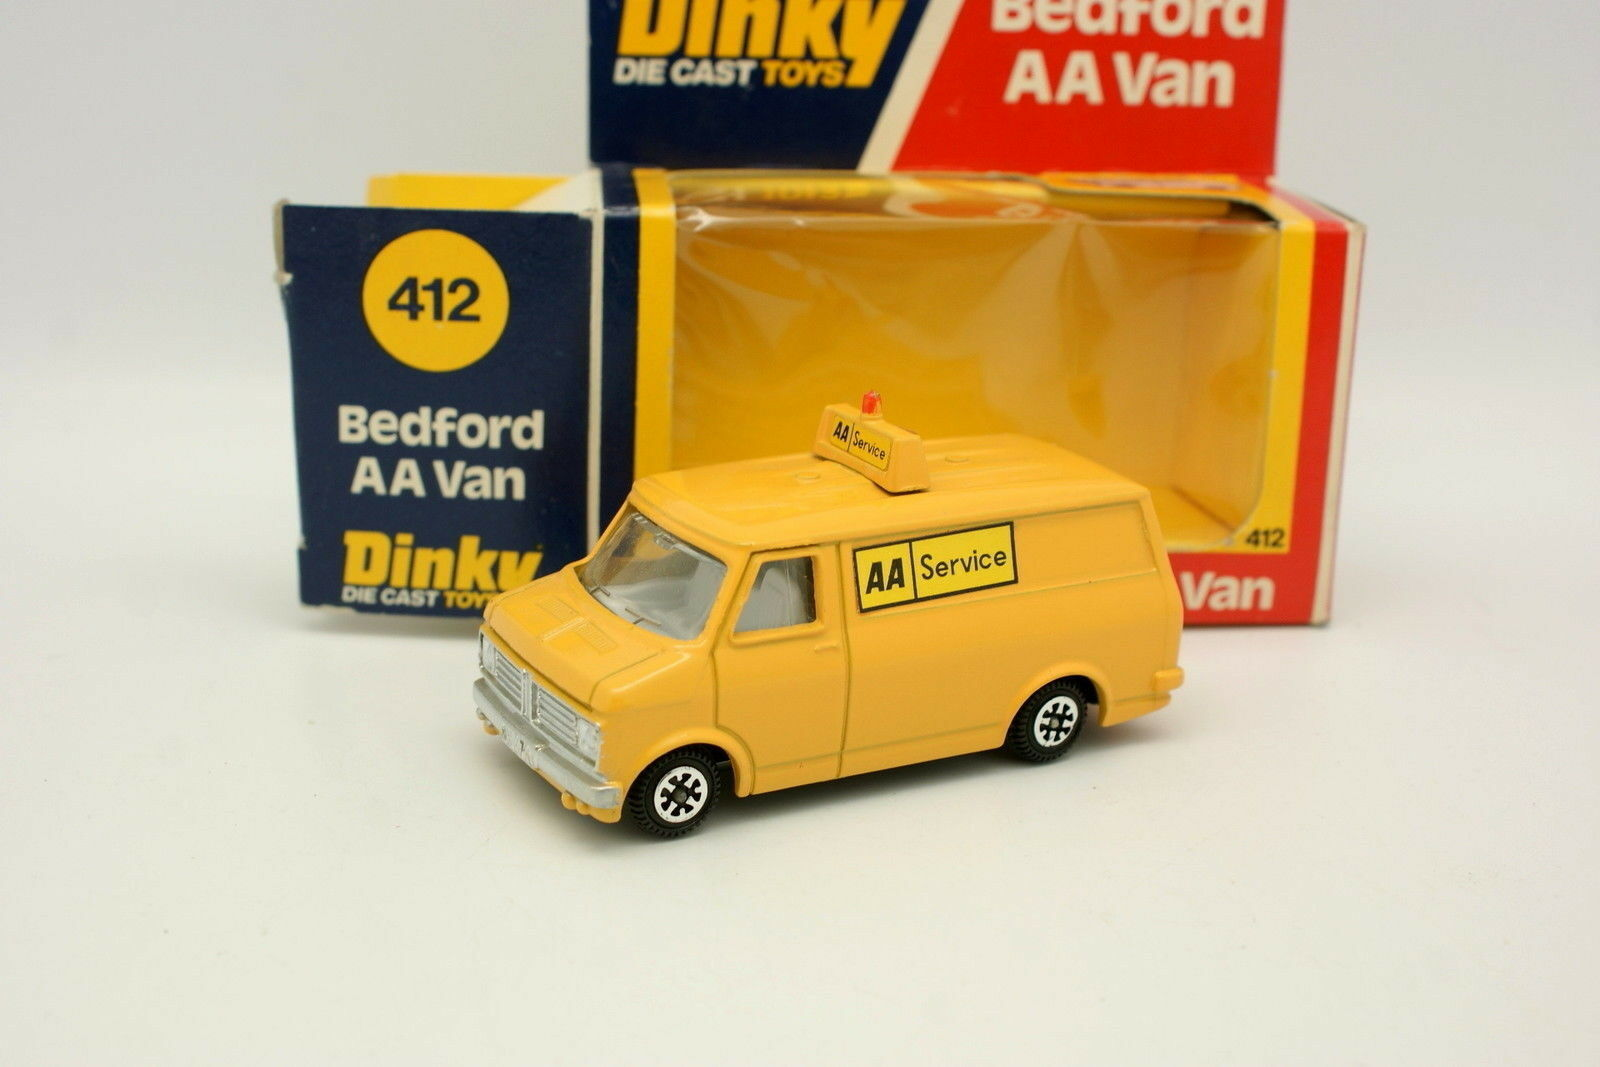 Dinky Toys GB 1 50 - Bedford AA AA AA Van aa Estación de 412 d88074